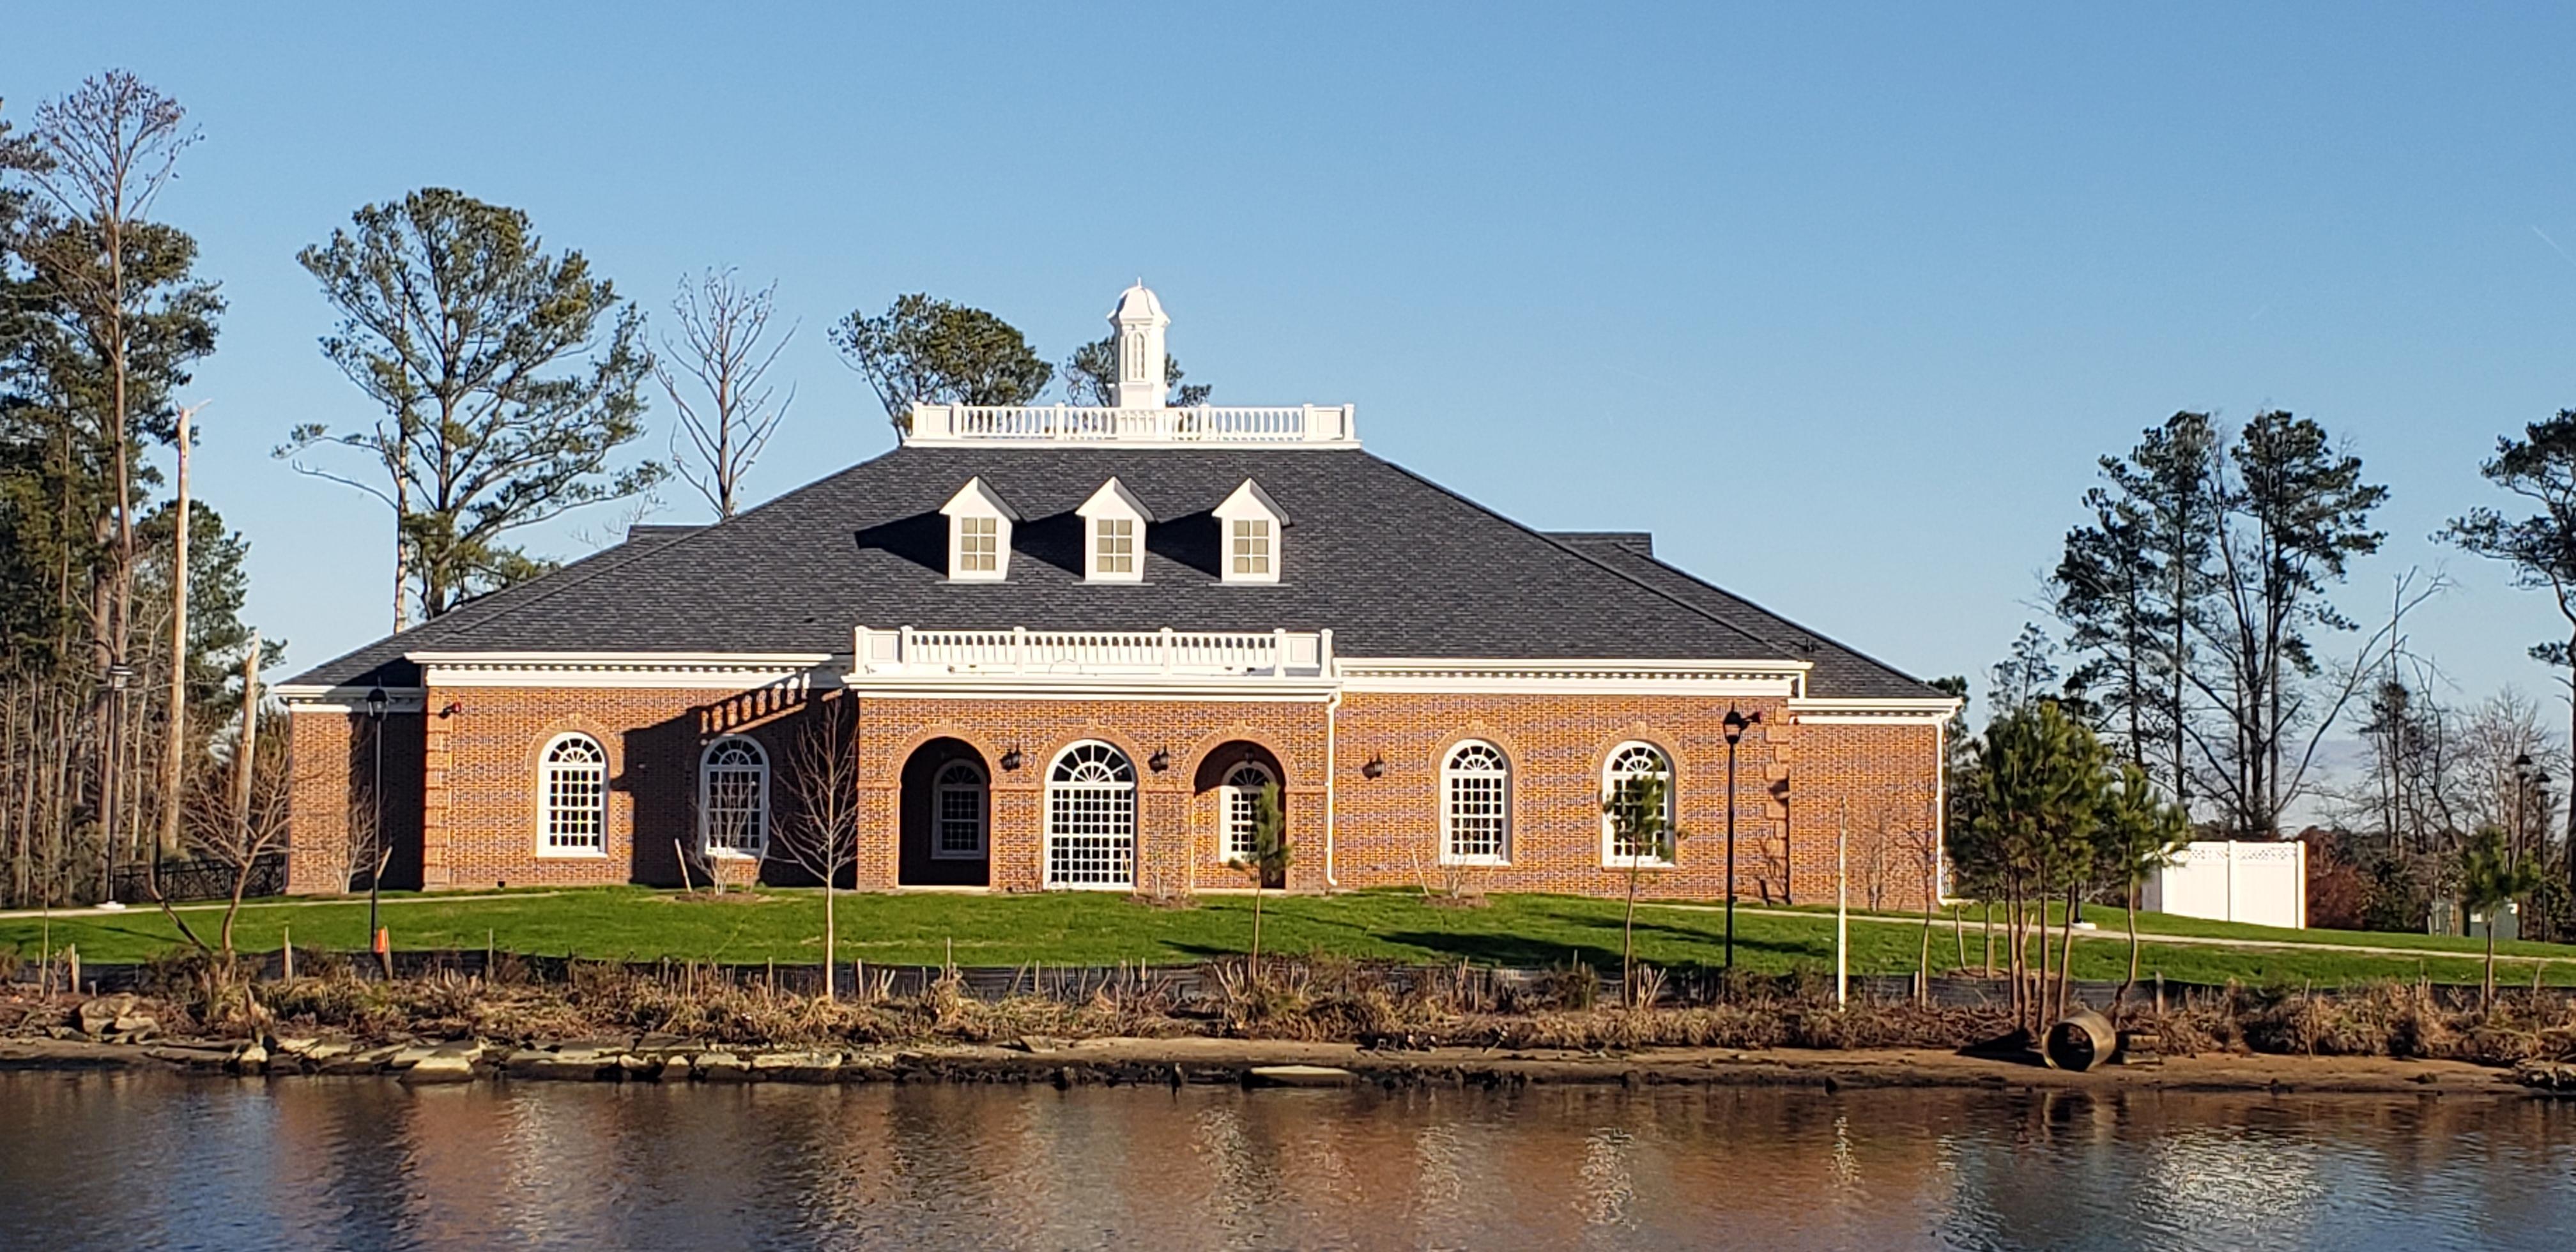 Great Bridge Battlefield Amp Waterways Visitor Center Pg